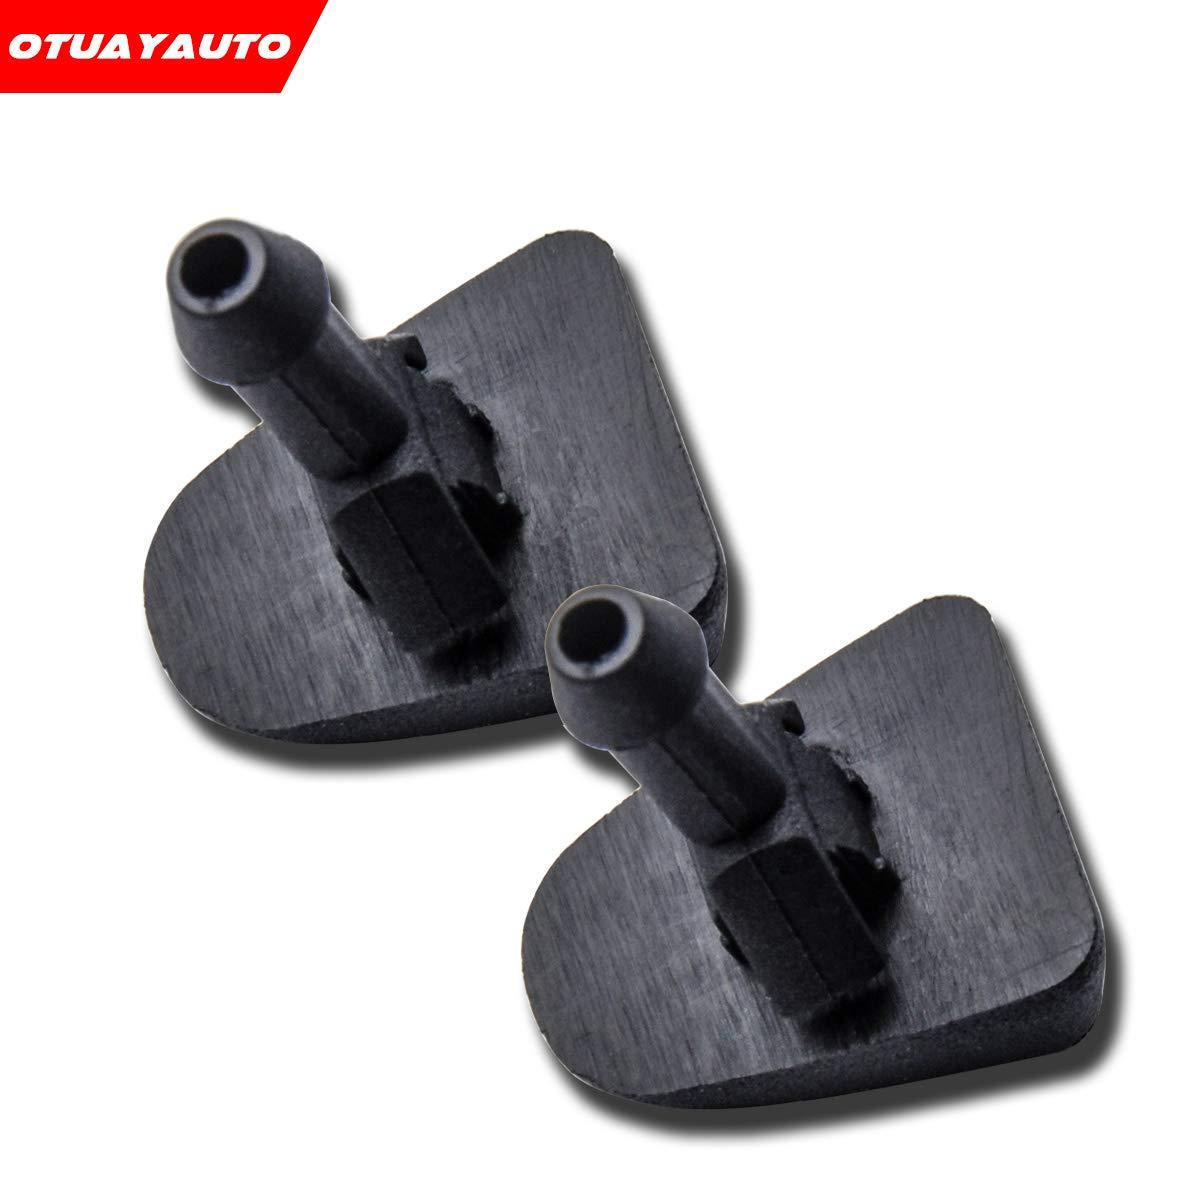 Otayauto 30655605 - Boquilla para limpieza de parabrisas (C30 ...